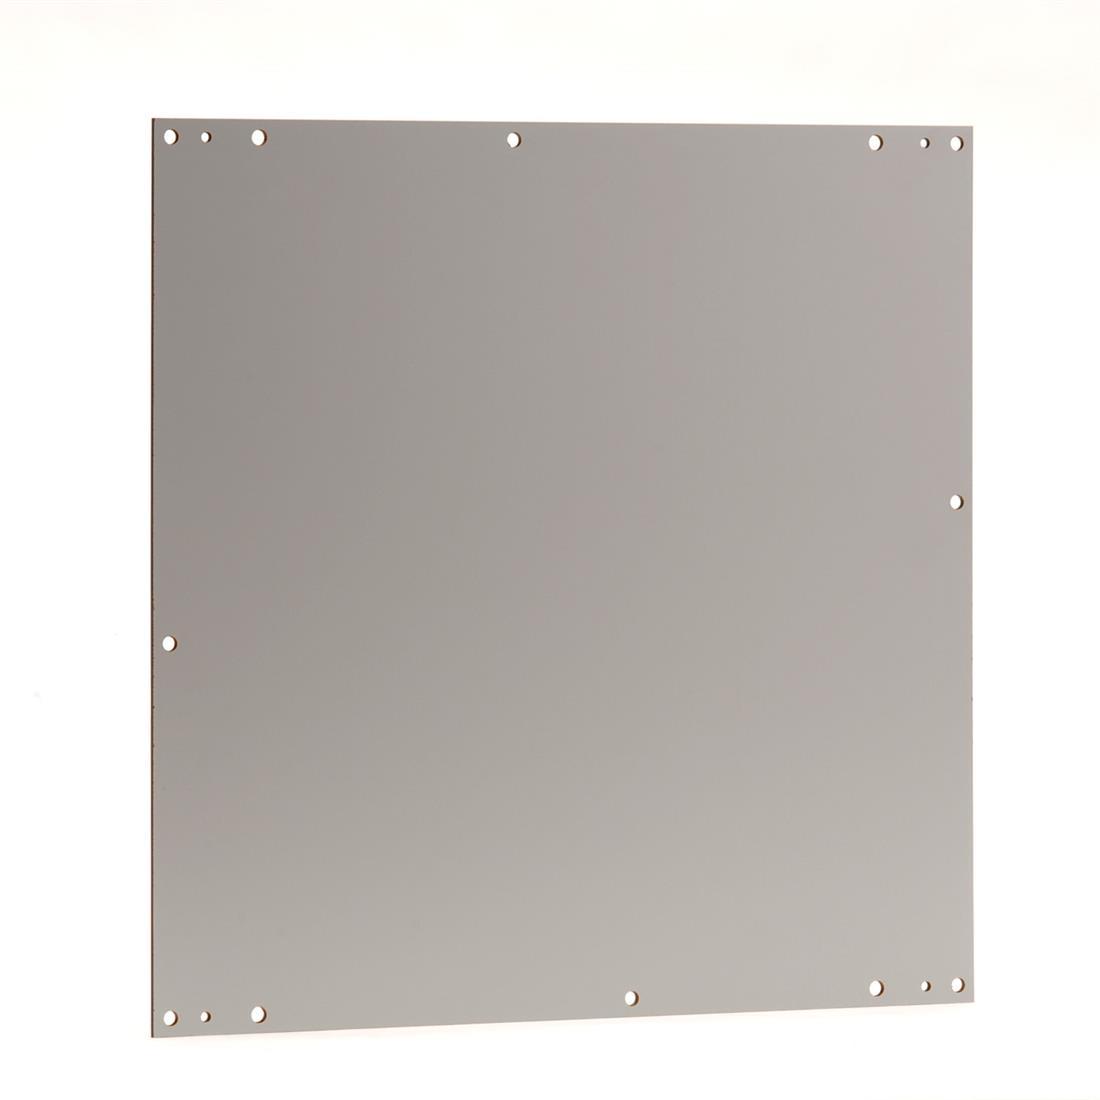 Eaton Holec Halyester montageplaat voor K466 KG466